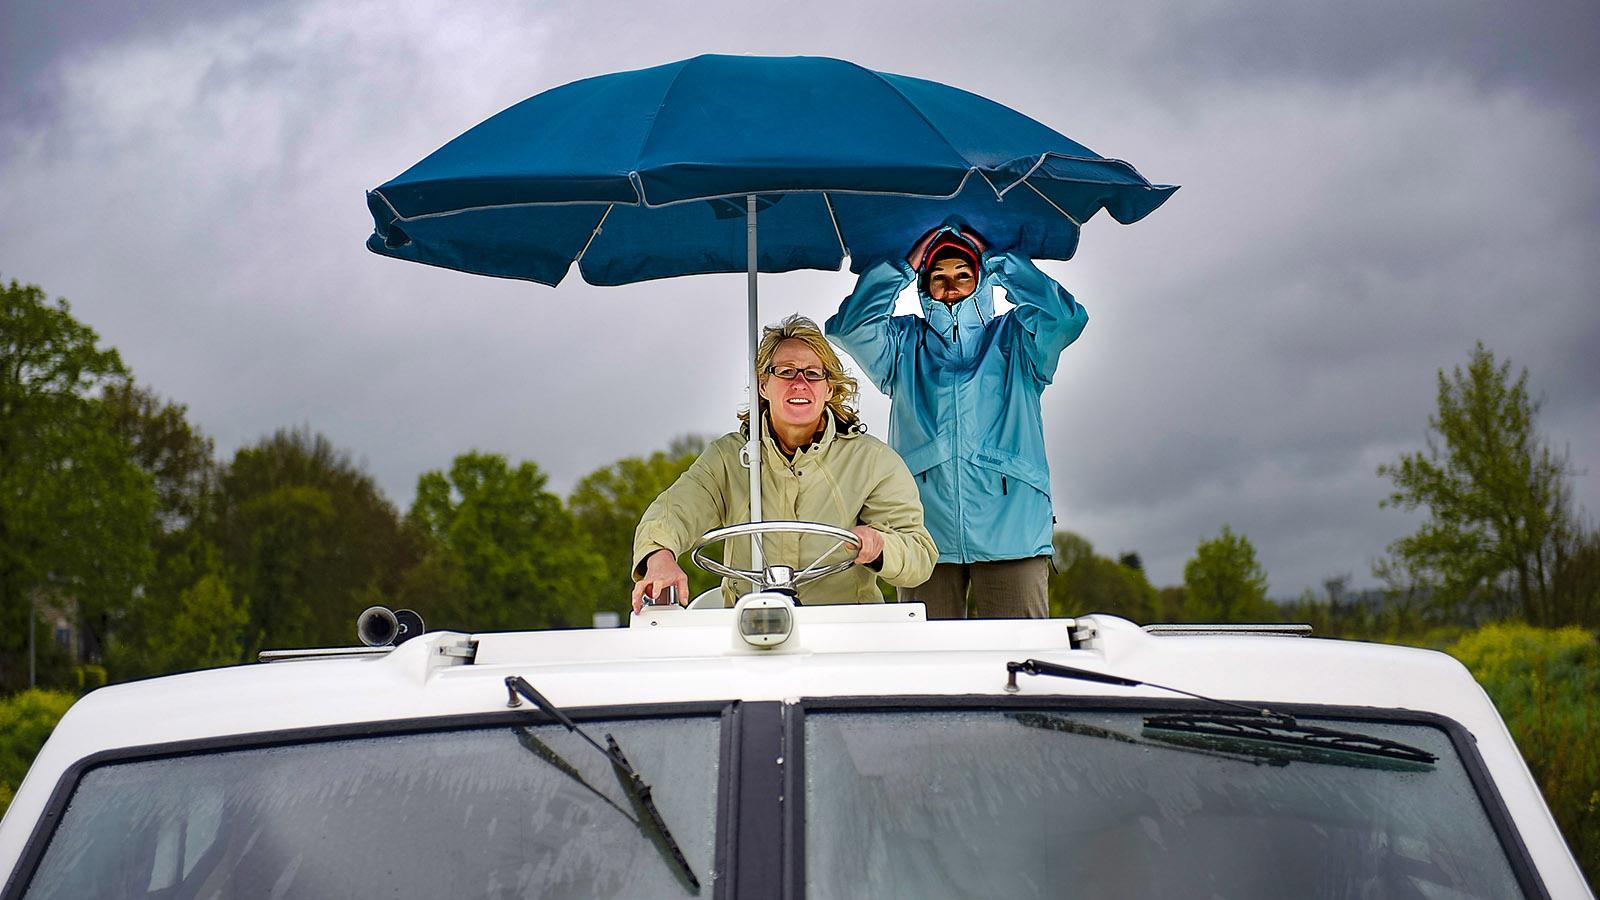 Hausboottörn Vilaine: Nur vom Außenstand am Oberdeck konnten wir im Wind und Regen überhaupt noch etwas erkennen. Foto: Hilke Maunder